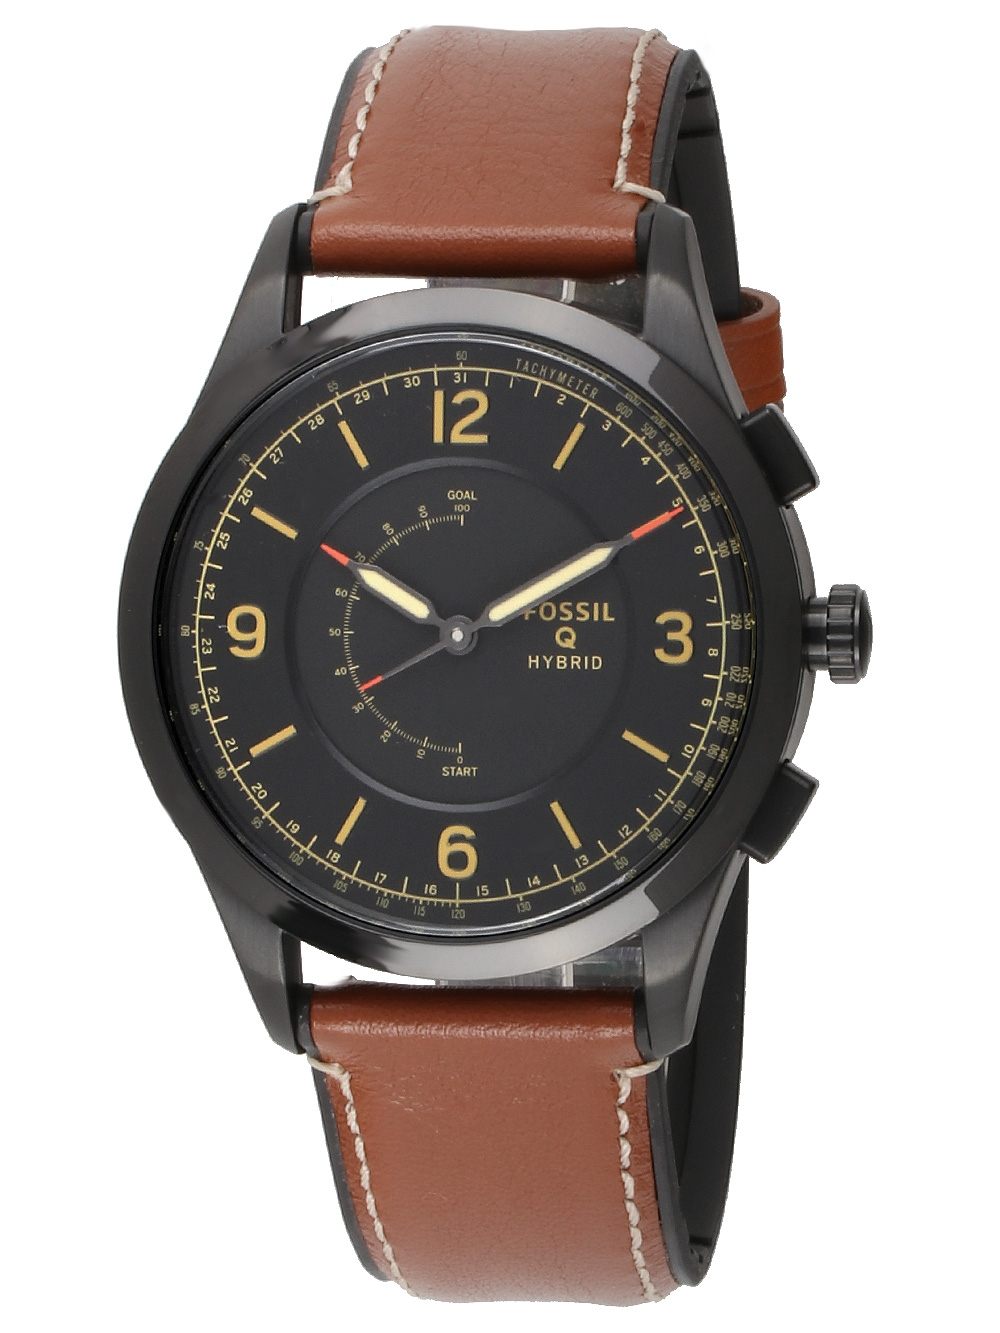 Fossil Q FTW1206 Activist Hybrid Smartwatch Herren 42mm 5ATM